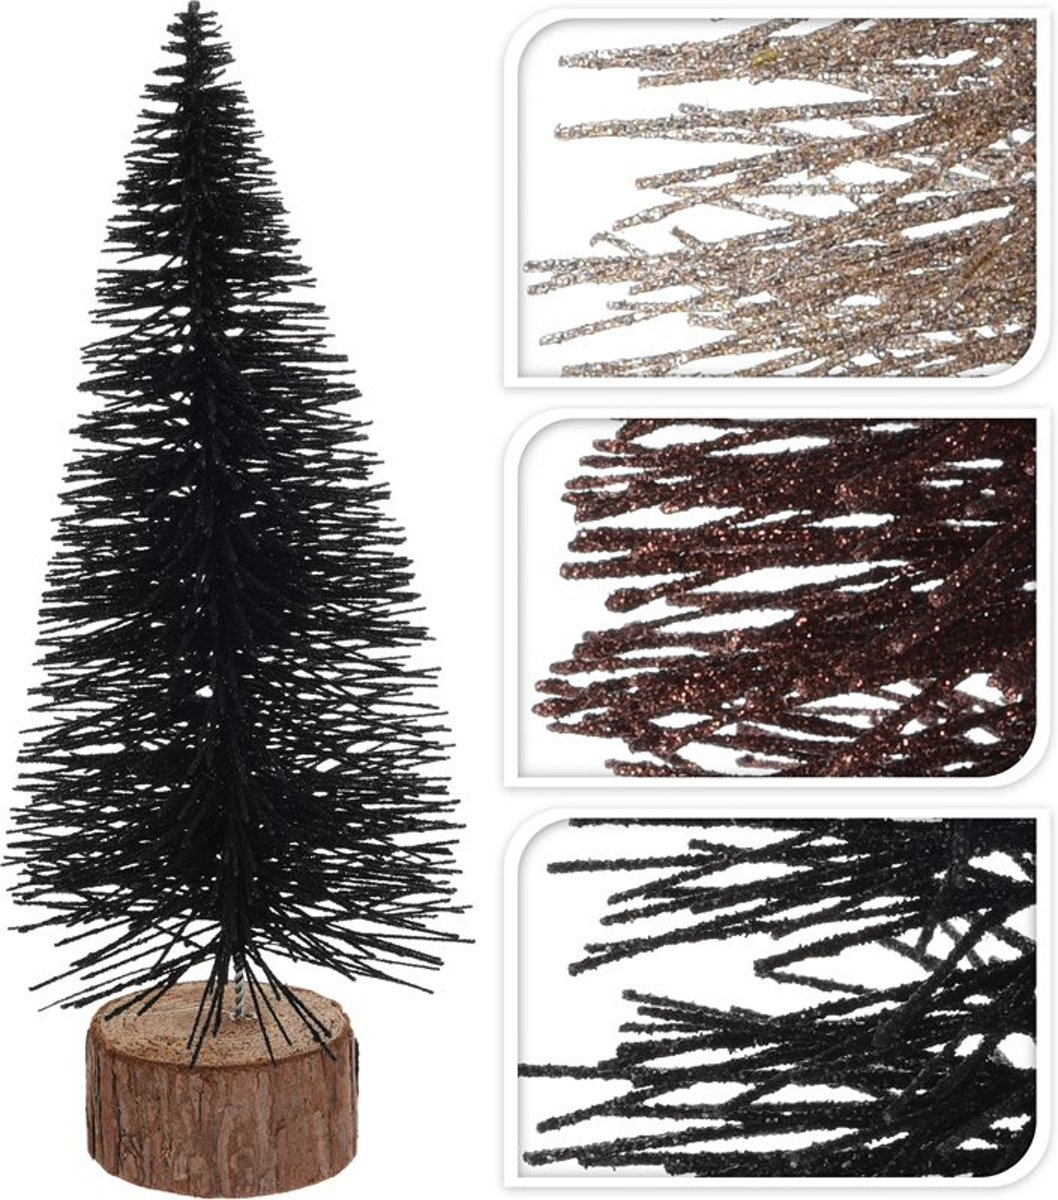 Kerstboompje 25cm Kerstartikelen kopen